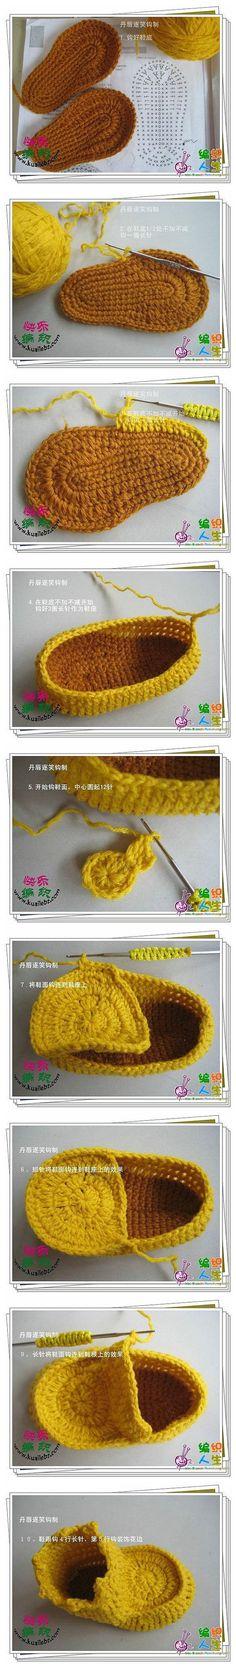 adorable crochet booties tutorial!.